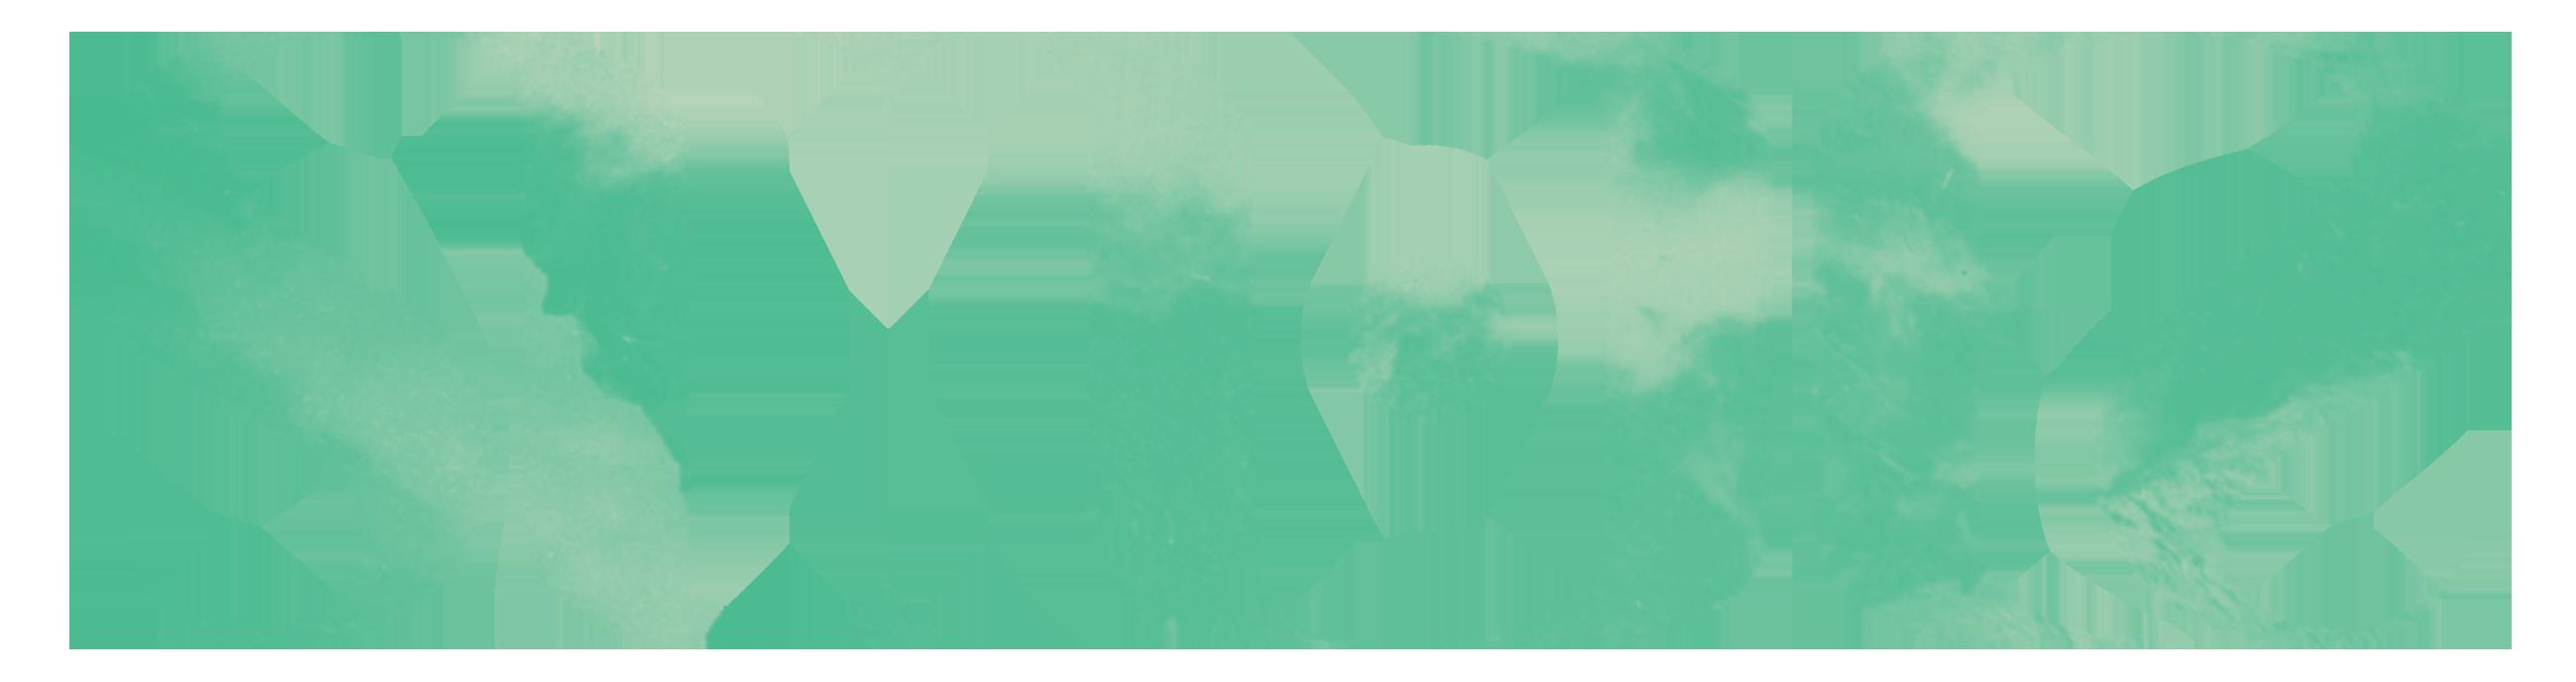 GrainNoir_Sunder_Logo